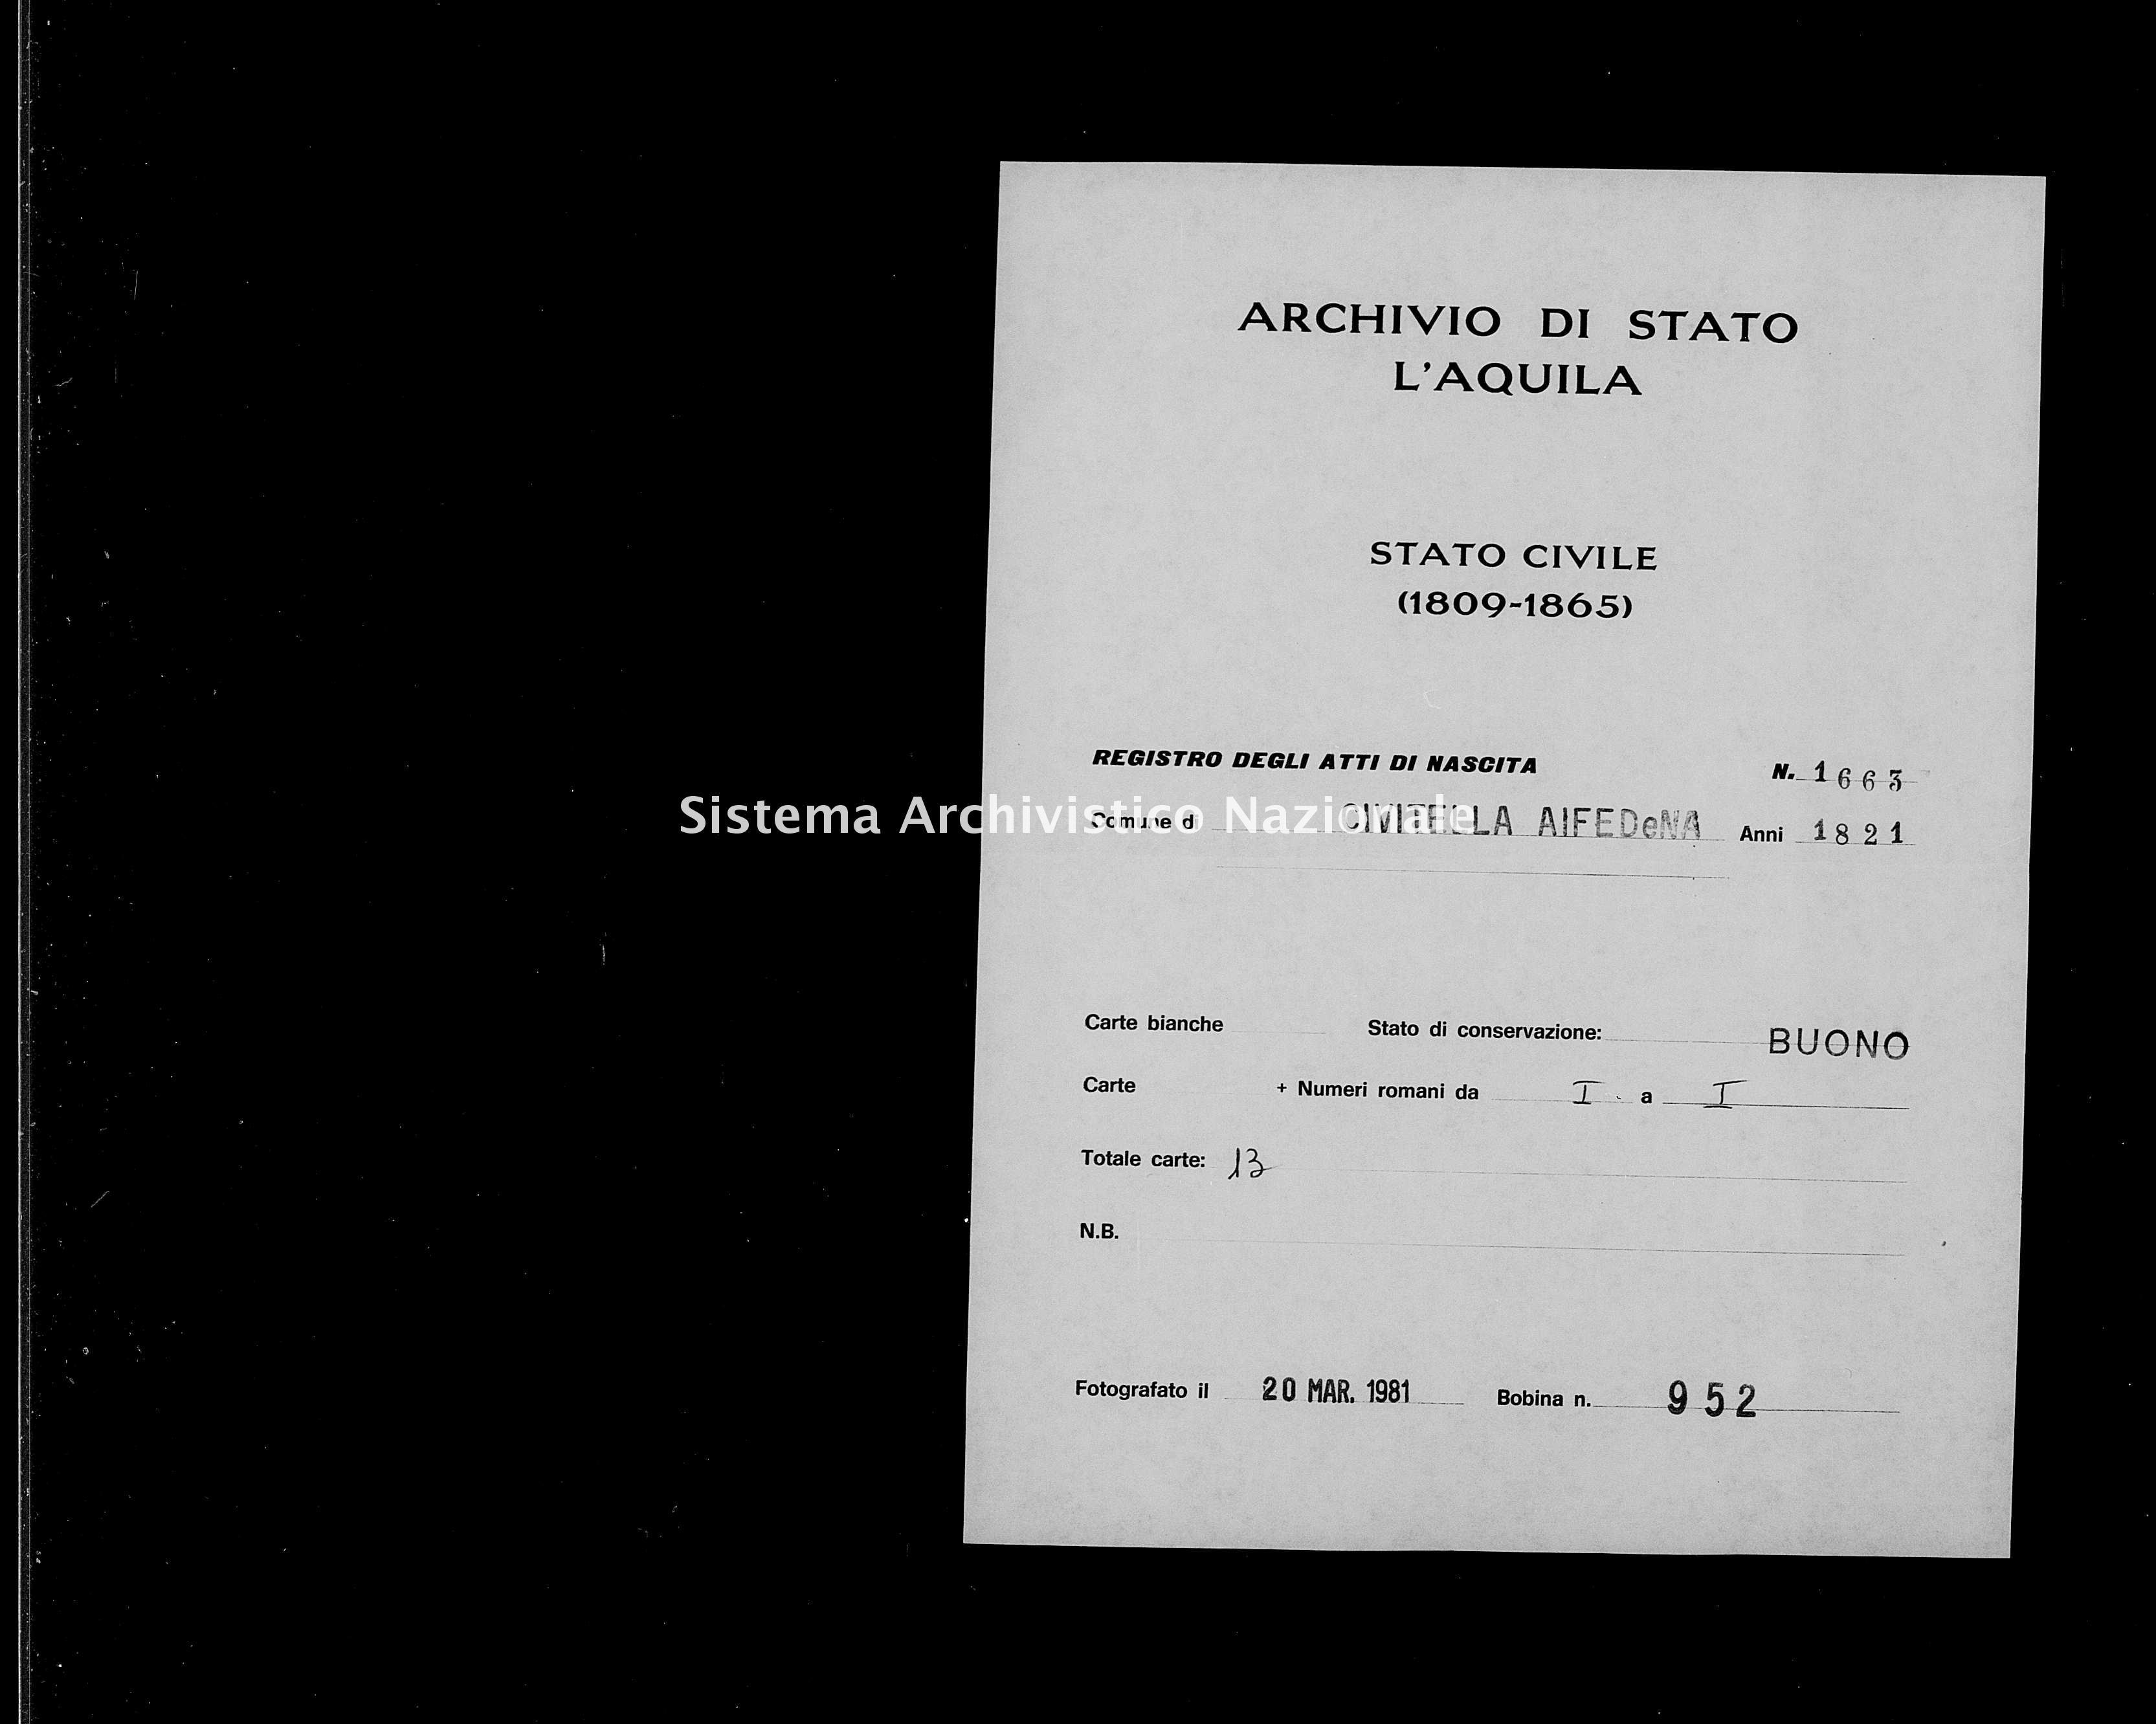 Archivio di stato di L'aquila - Stato civile della restaurazione - Civitella Alfedena - Nati - 1821 - 1663 -